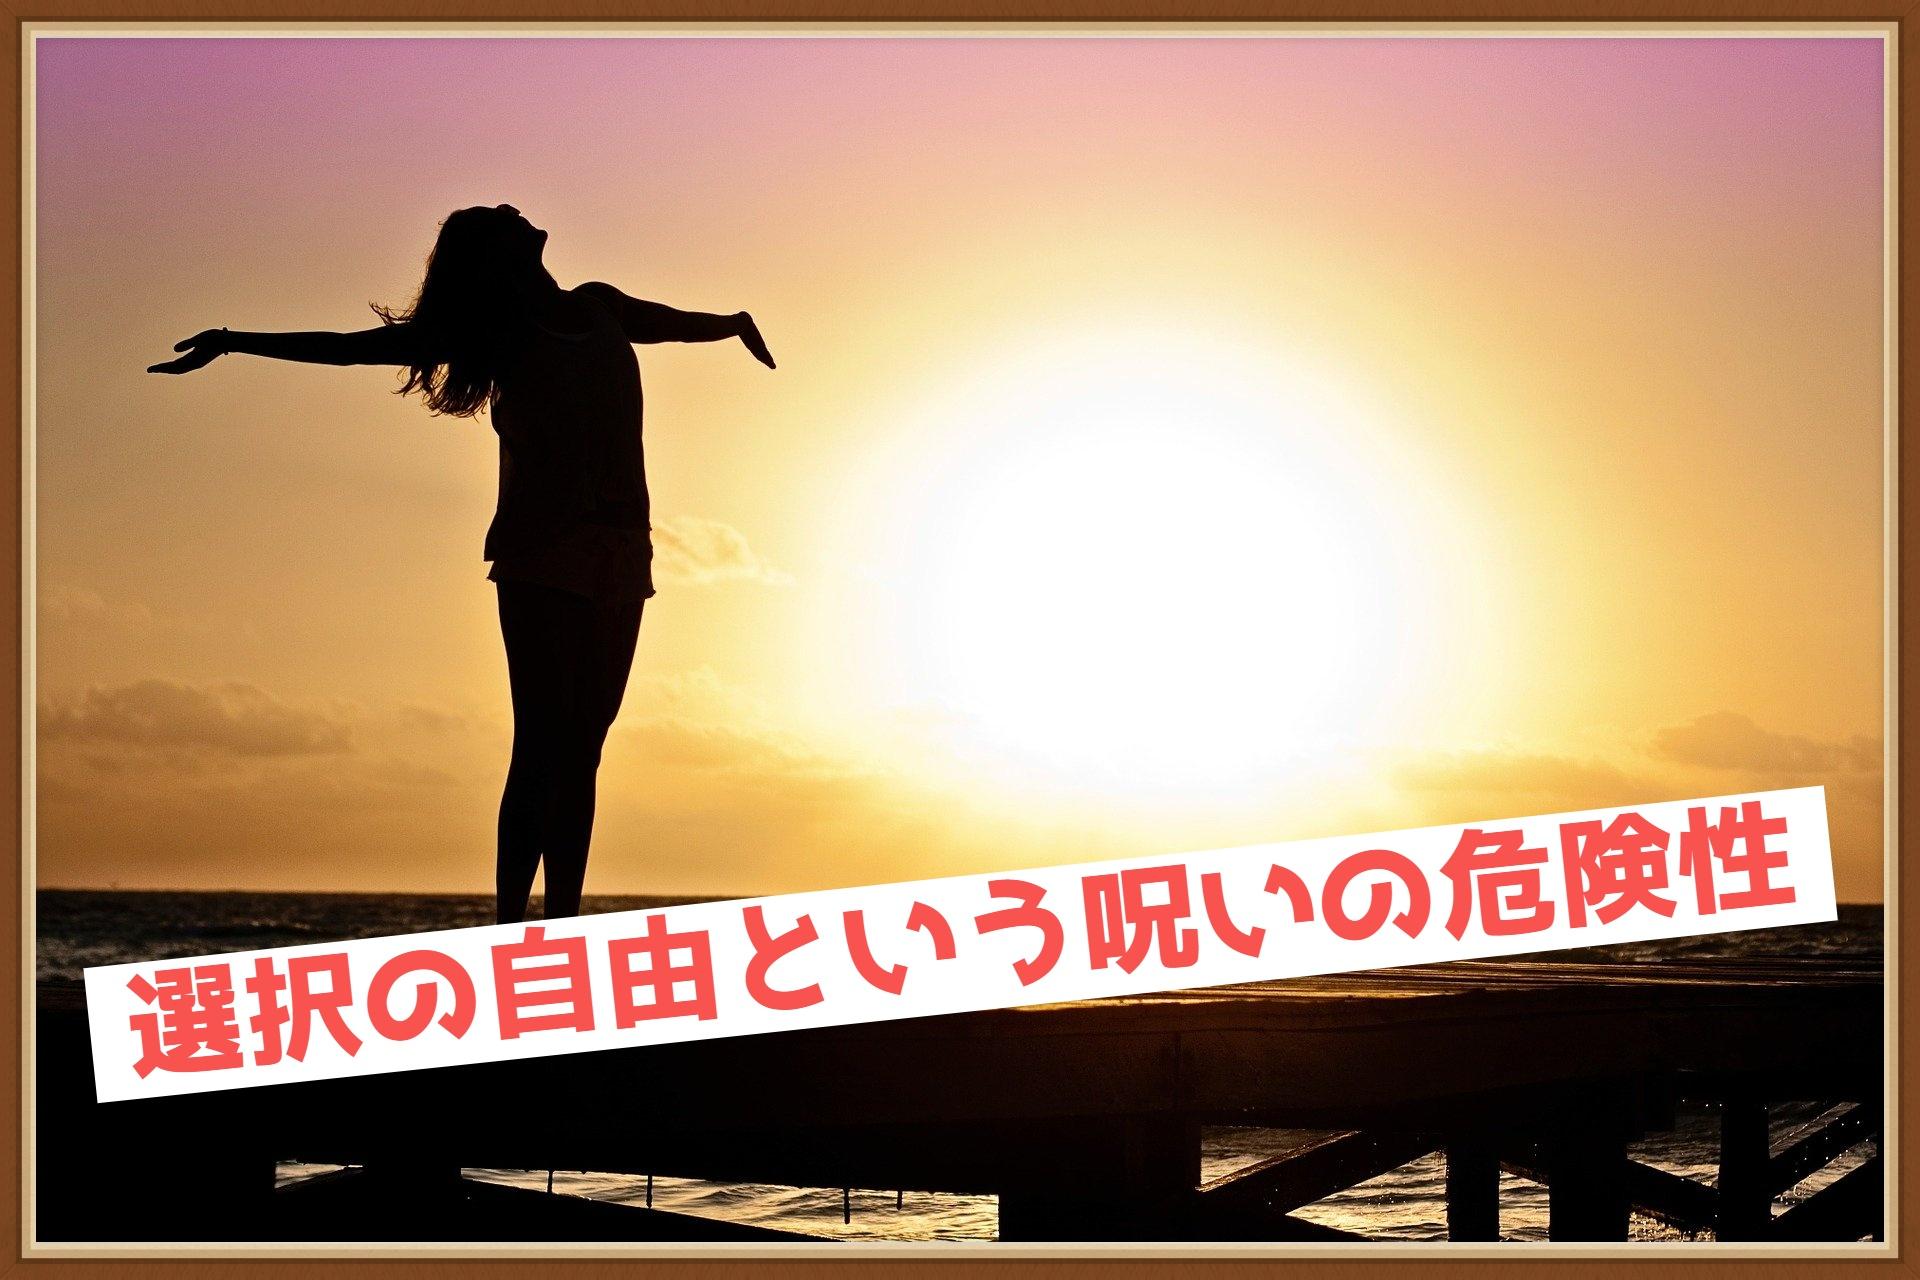 【選択の自由】という呪いが人を不幸にする可能性